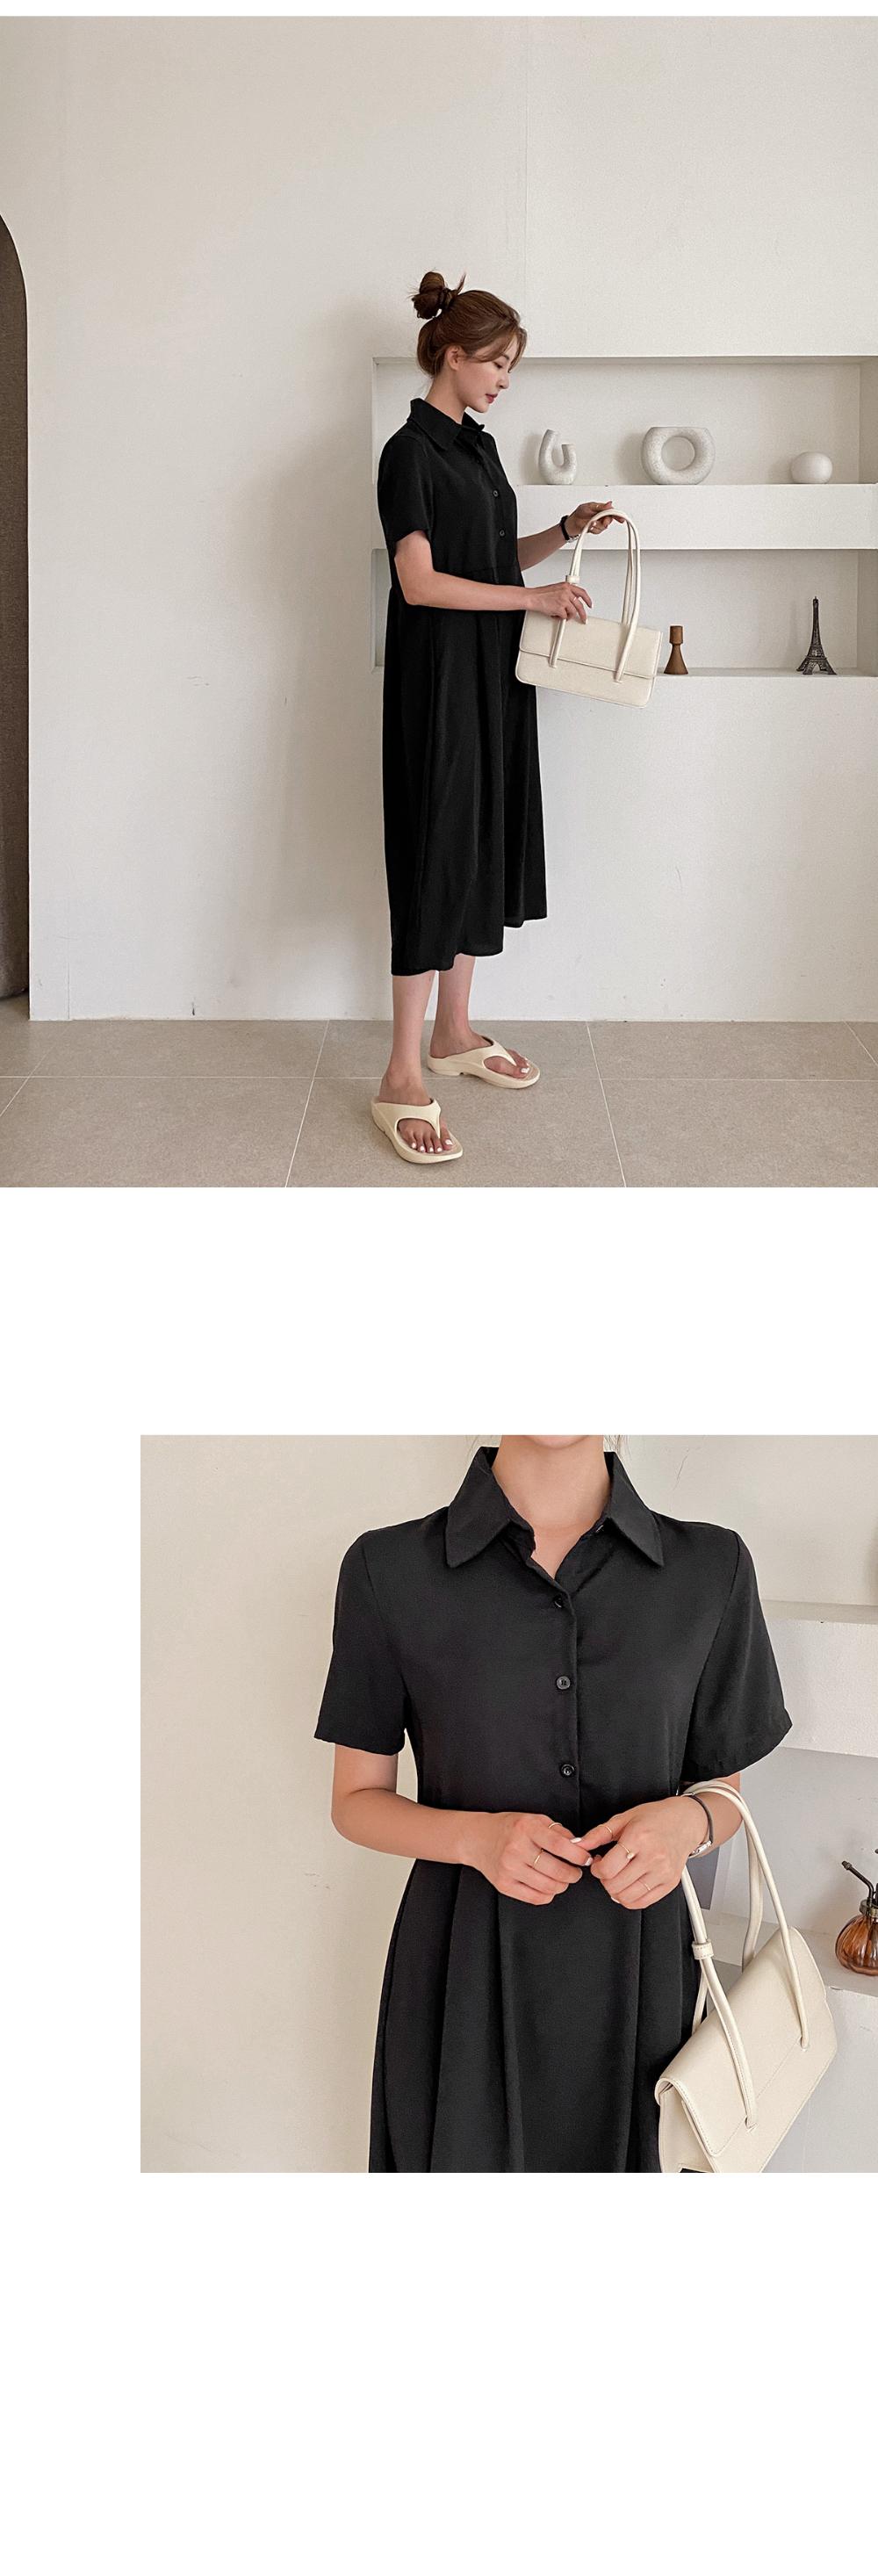 드레스 모델 착용 이미지-S1L9